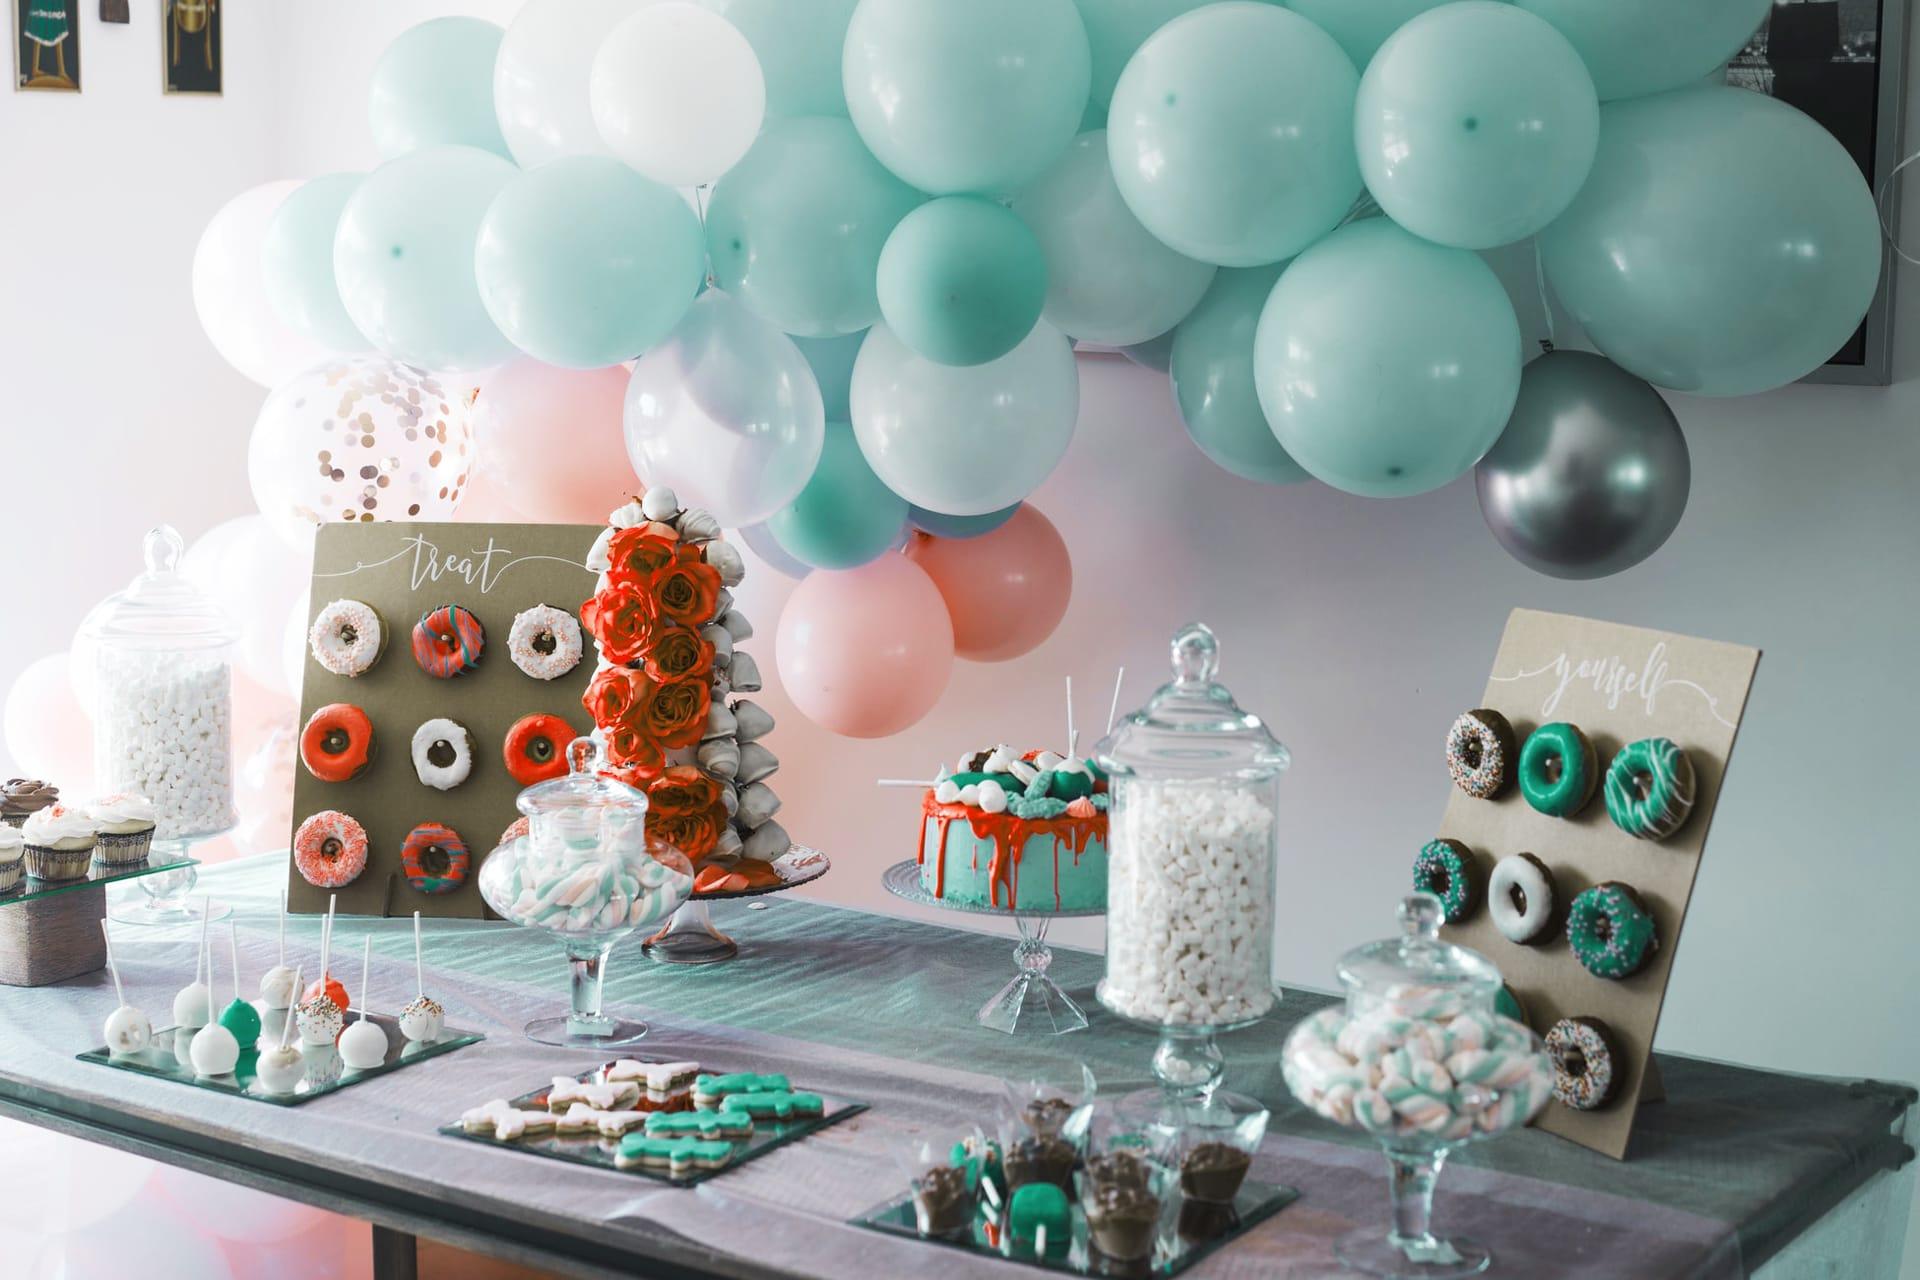 VW Bus T1 mieten Oldtimer Ausflug Gutschein Luftballons Geburtstag Dekoration Überraschung